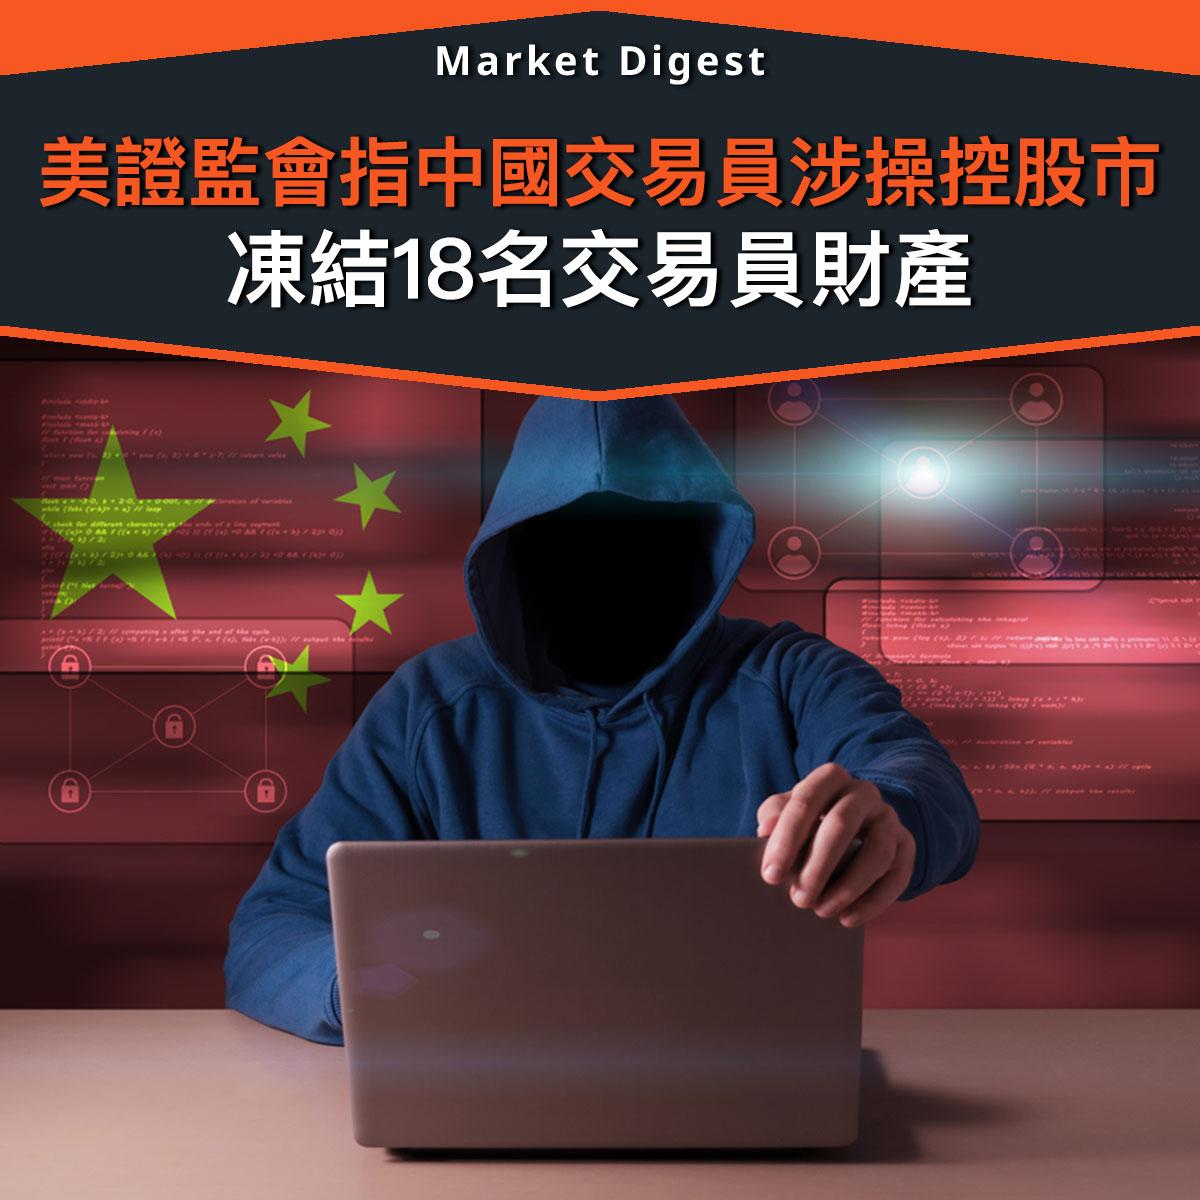 【市場熱話】美證監會指中國交易員涉操控股市凍結18名交易員財產